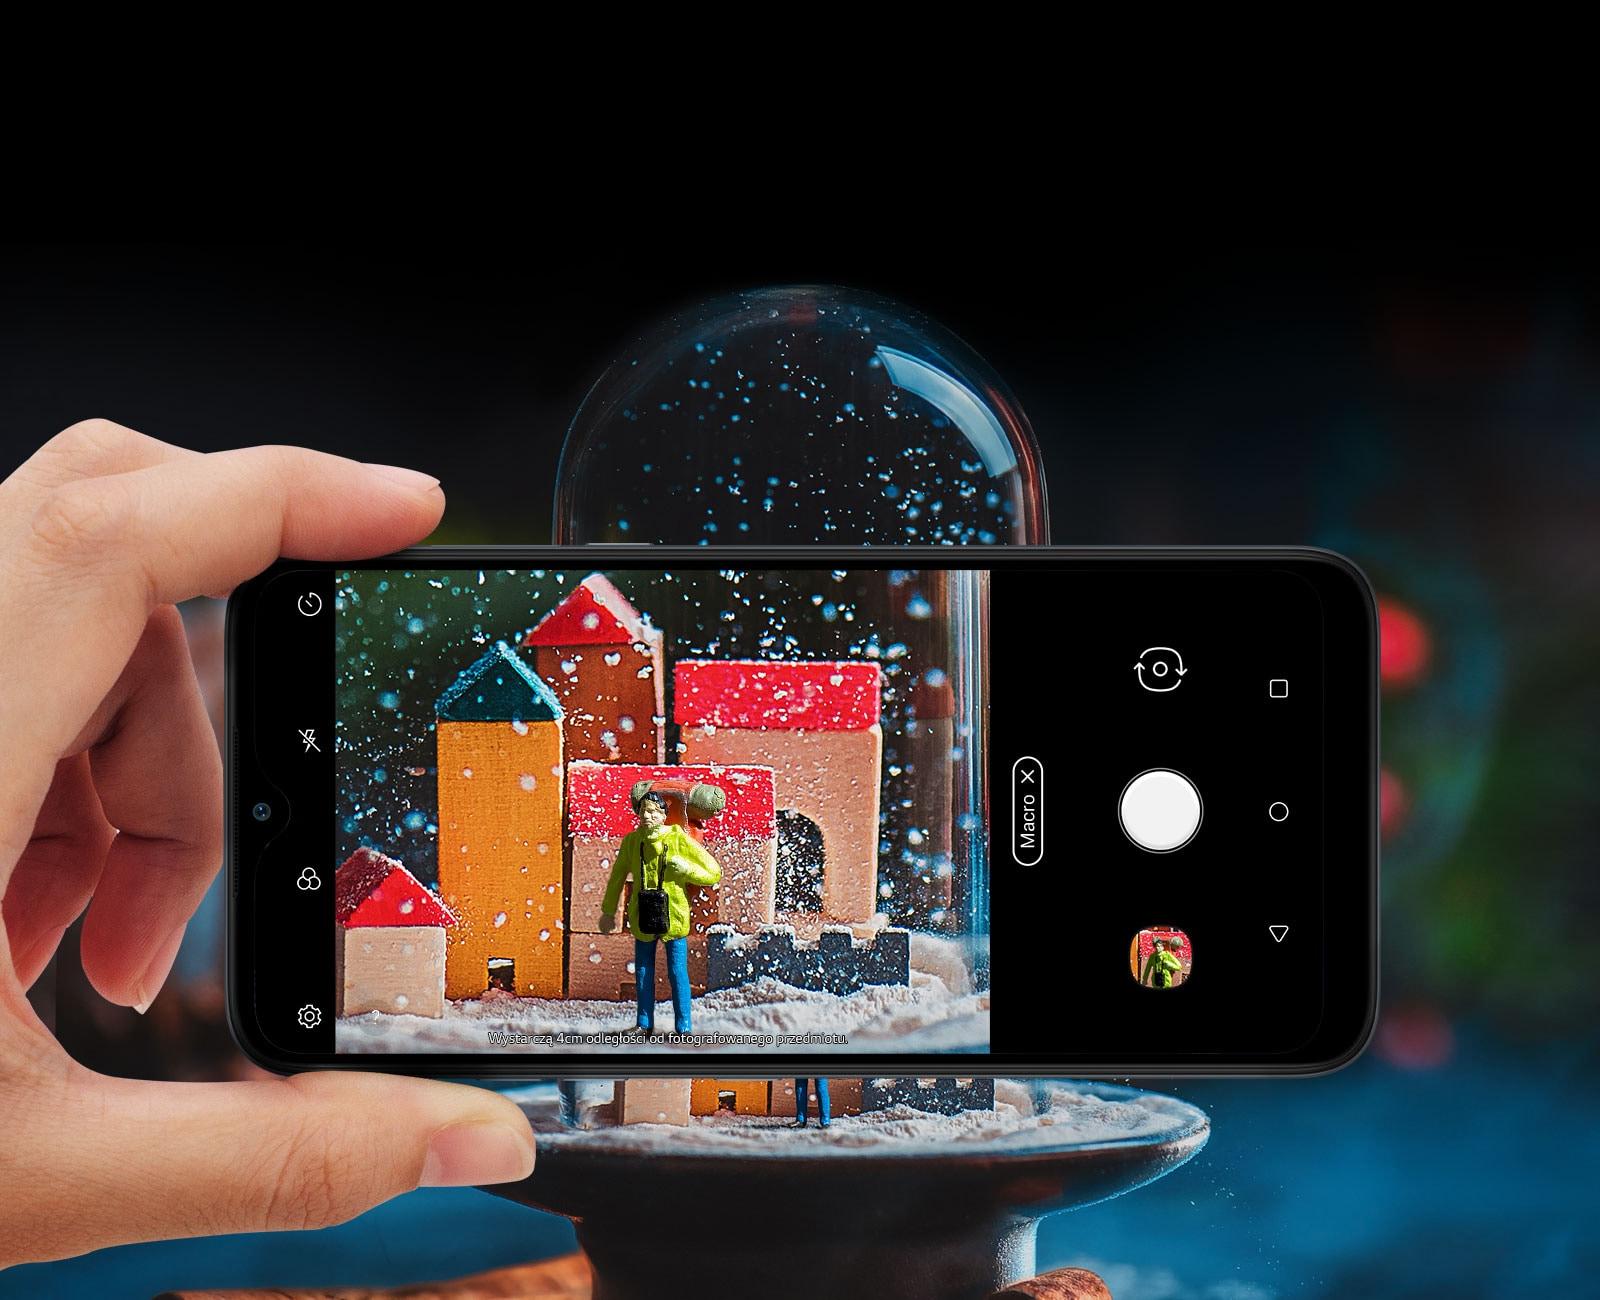 Zbliżenie osoby trzymającej smartfon i robiącej zdjęcie kuli śnieżnej